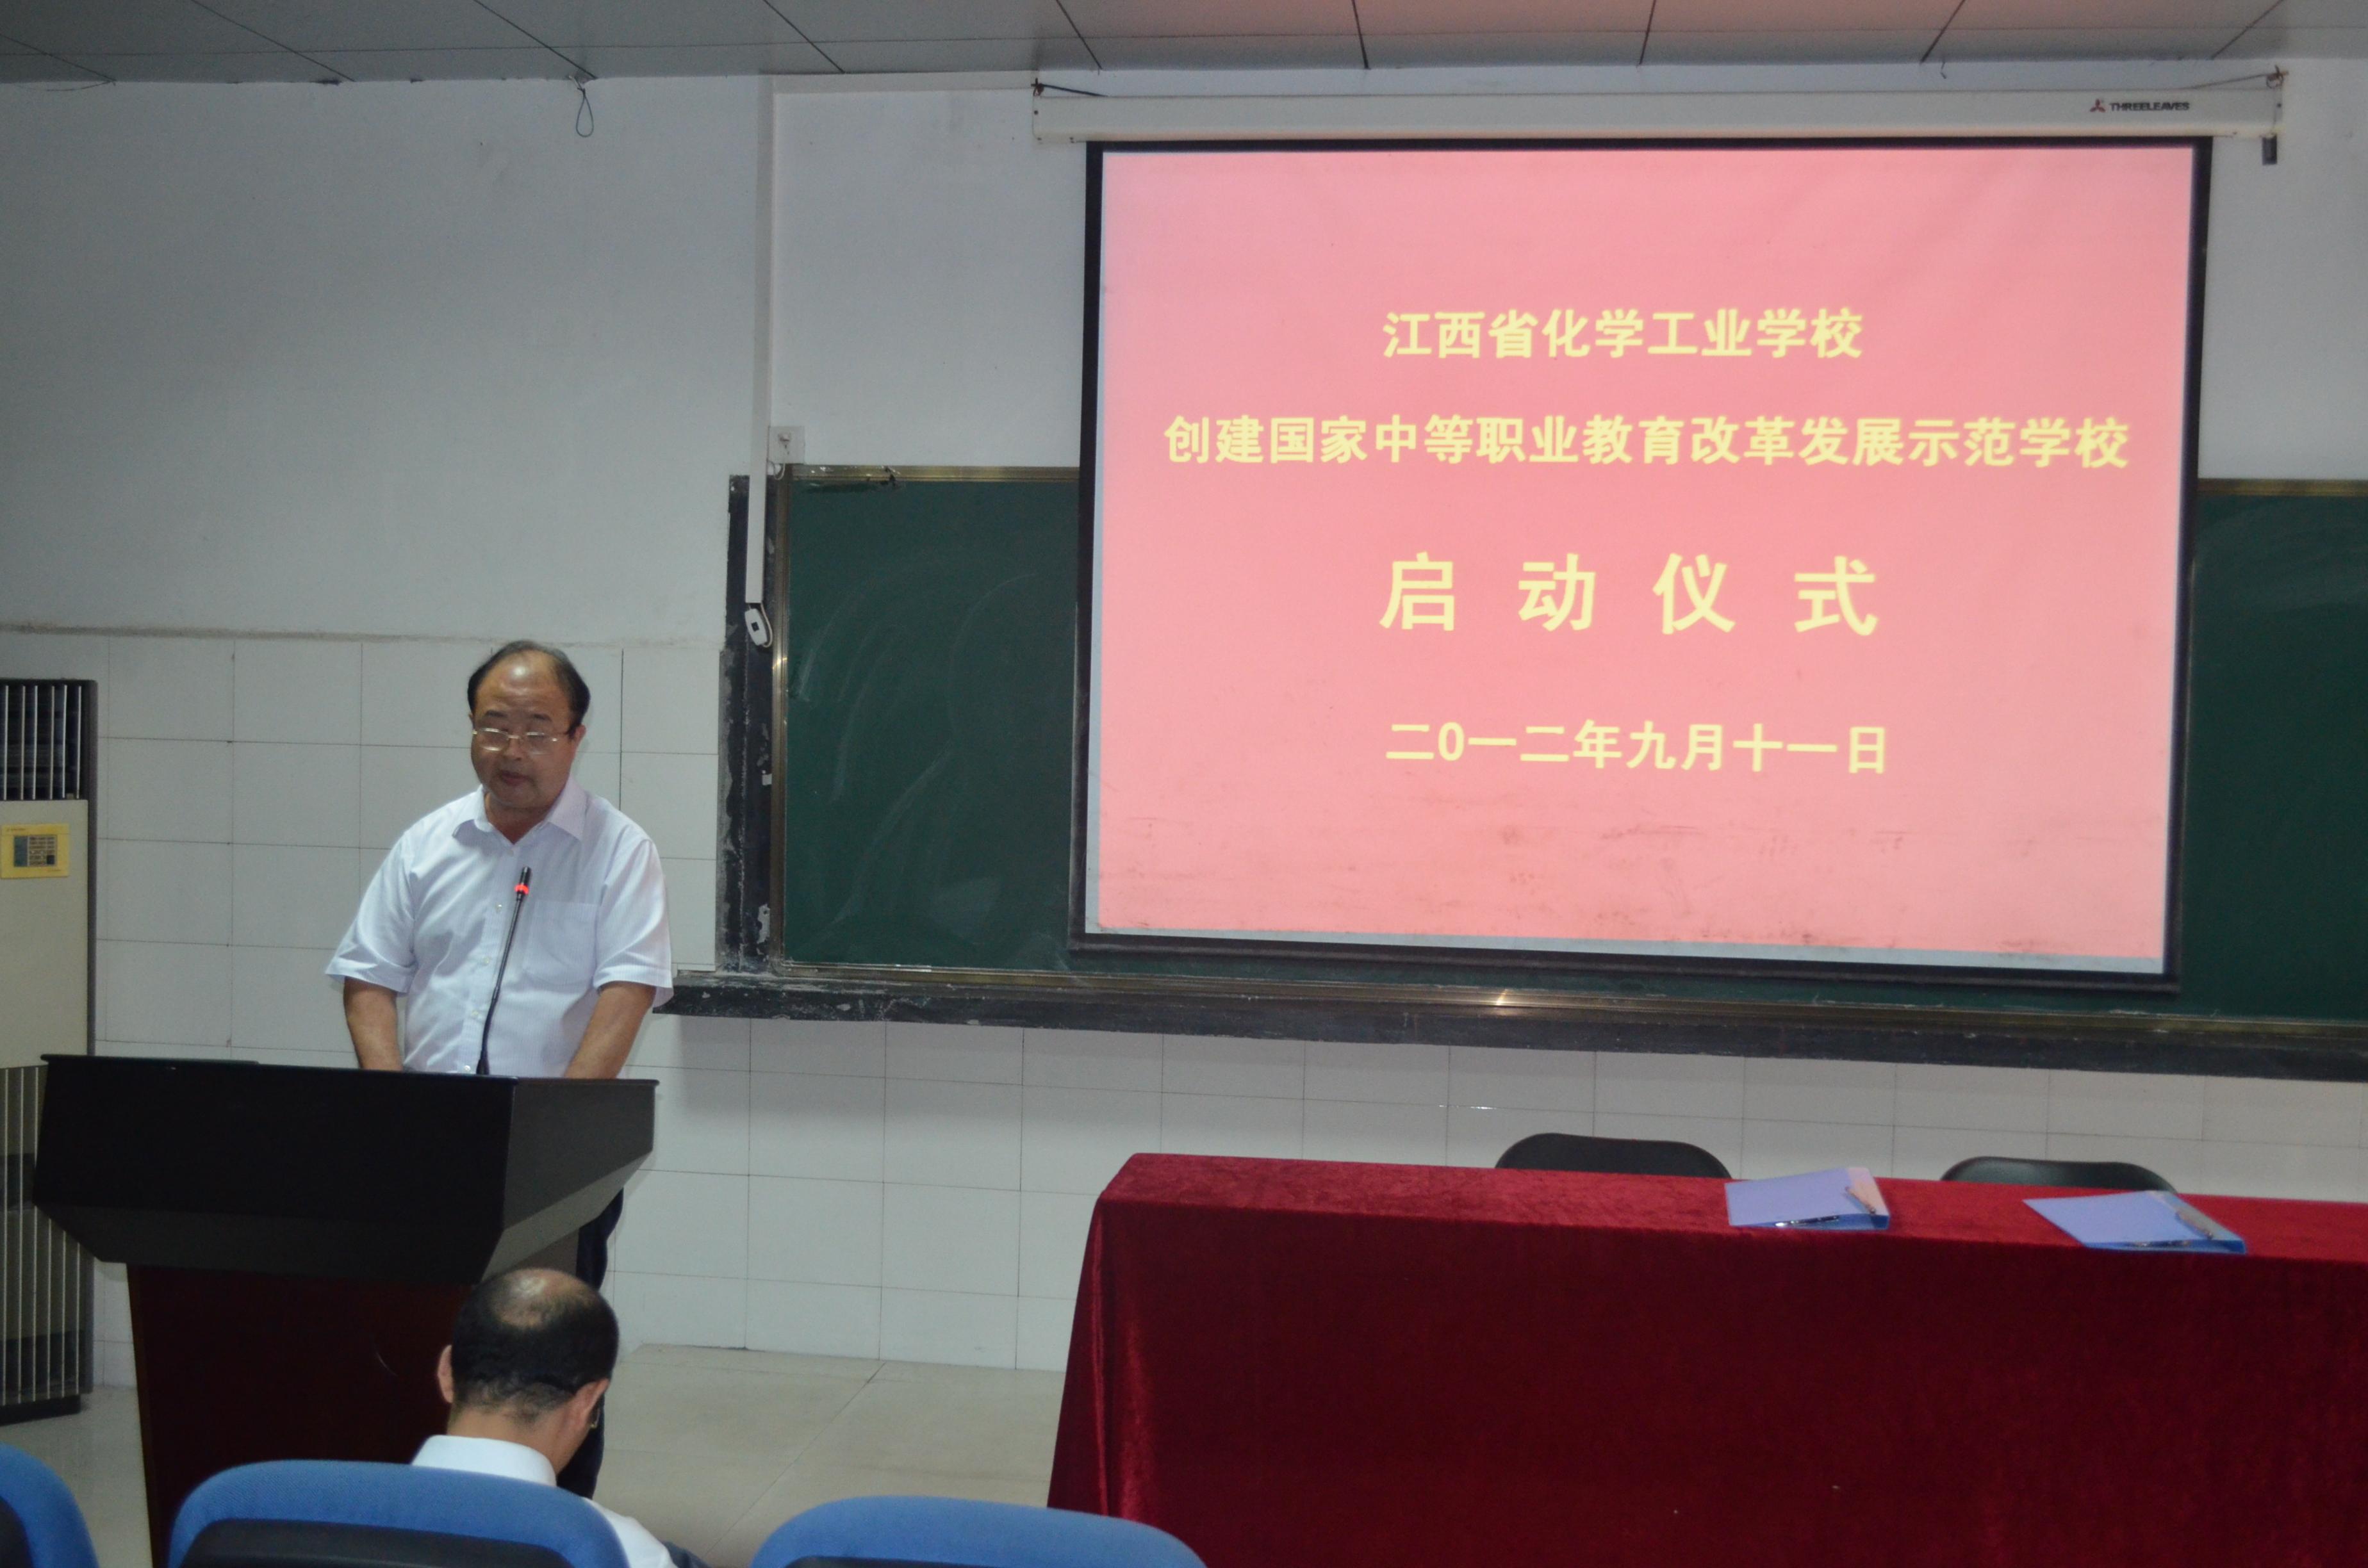 江西省化学工业学校隆重举行国家中等职业教育改革发展示范学校建设启动仪式